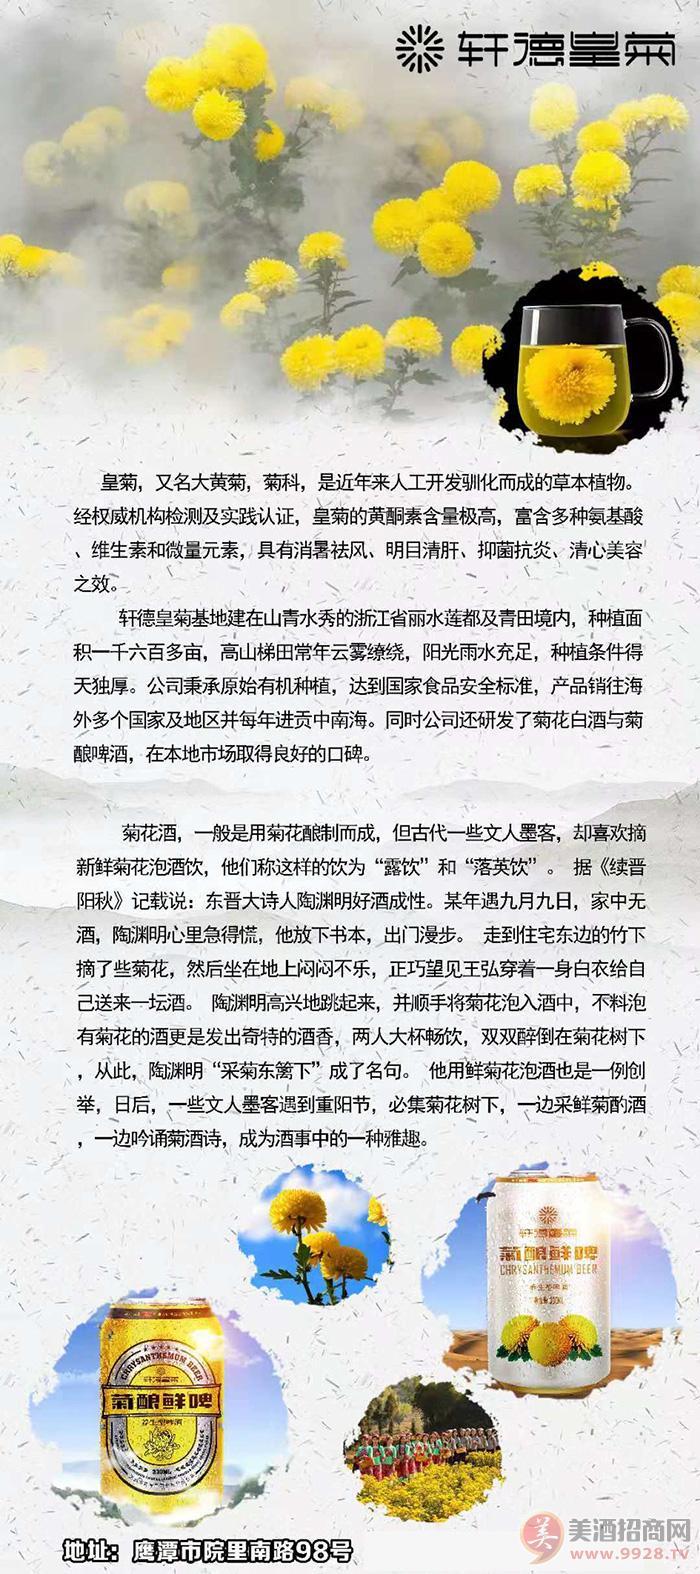 丽水市轩德皇菊开发有限公司招商政策